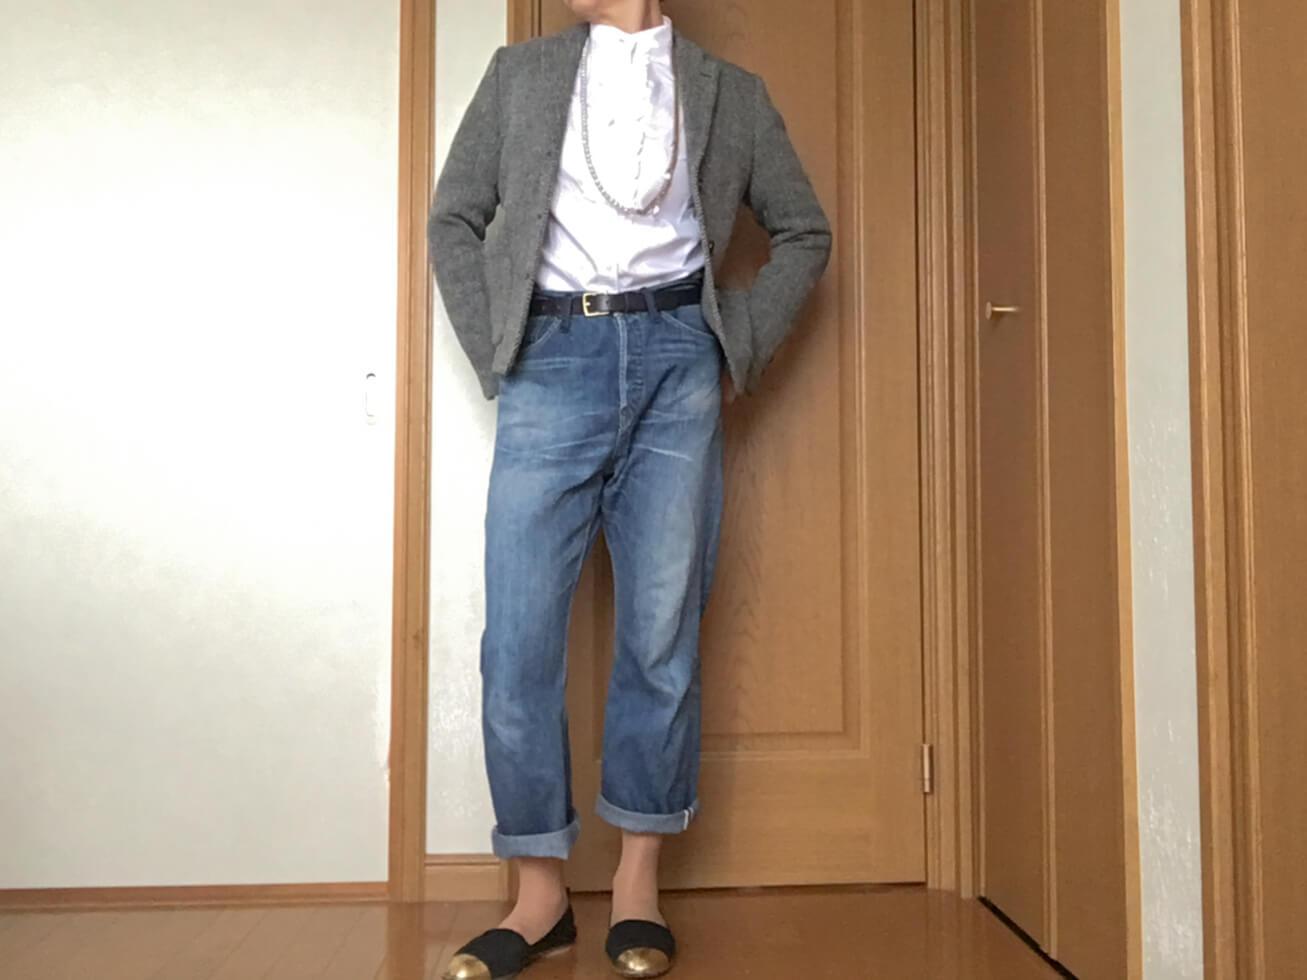 ユニクロの白いブラウスをチェックのジャケットとコーデした写真